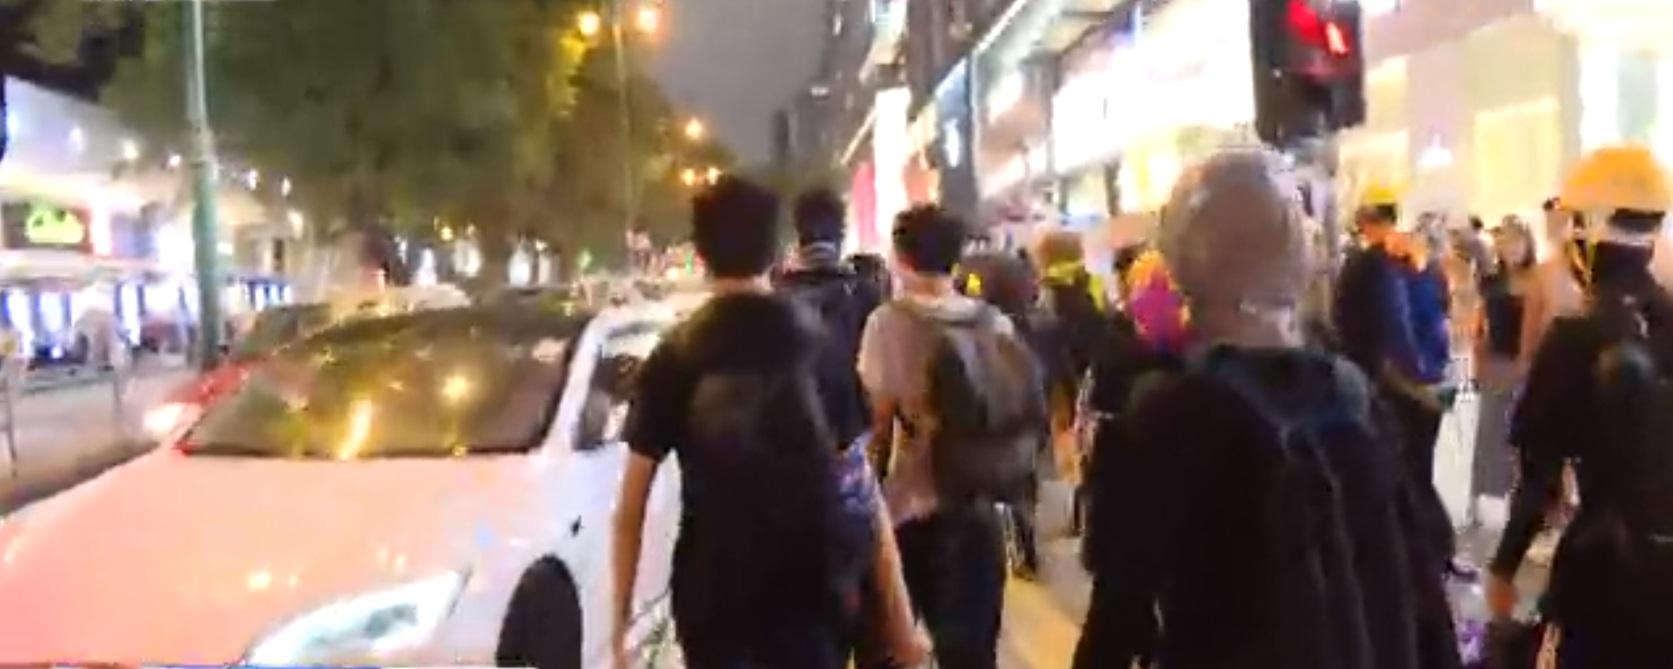 示威者行出尖沙嘴彌敦道。NOW新聞截圖